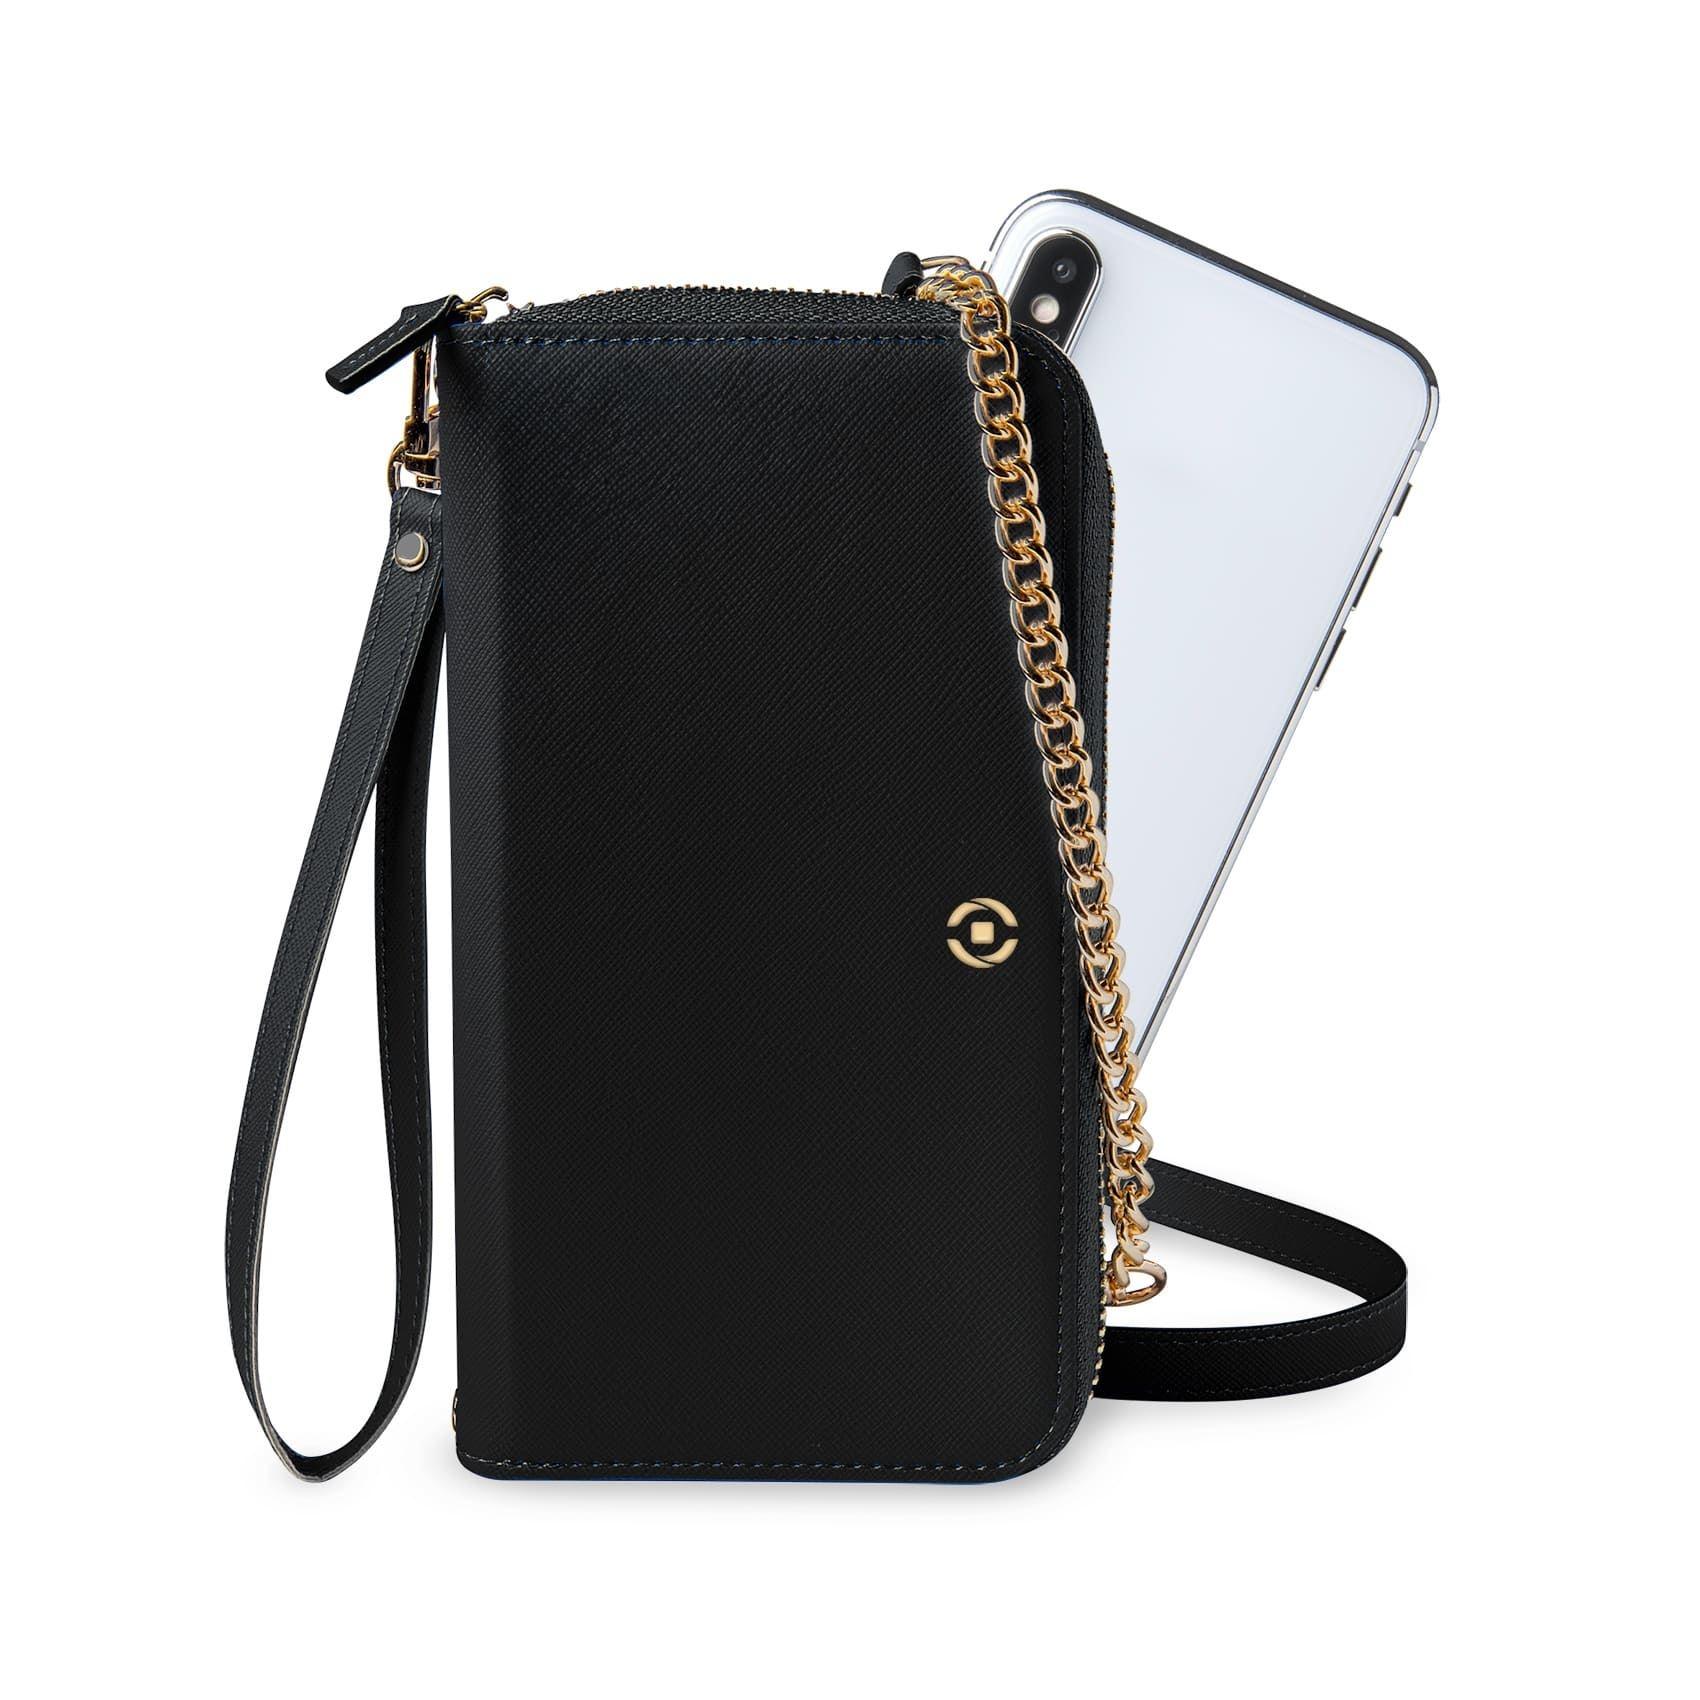 Celly Venere Θήκη - Πορτοφόλι για Smartphones έως 6.5'' - Black (VENEREBK)